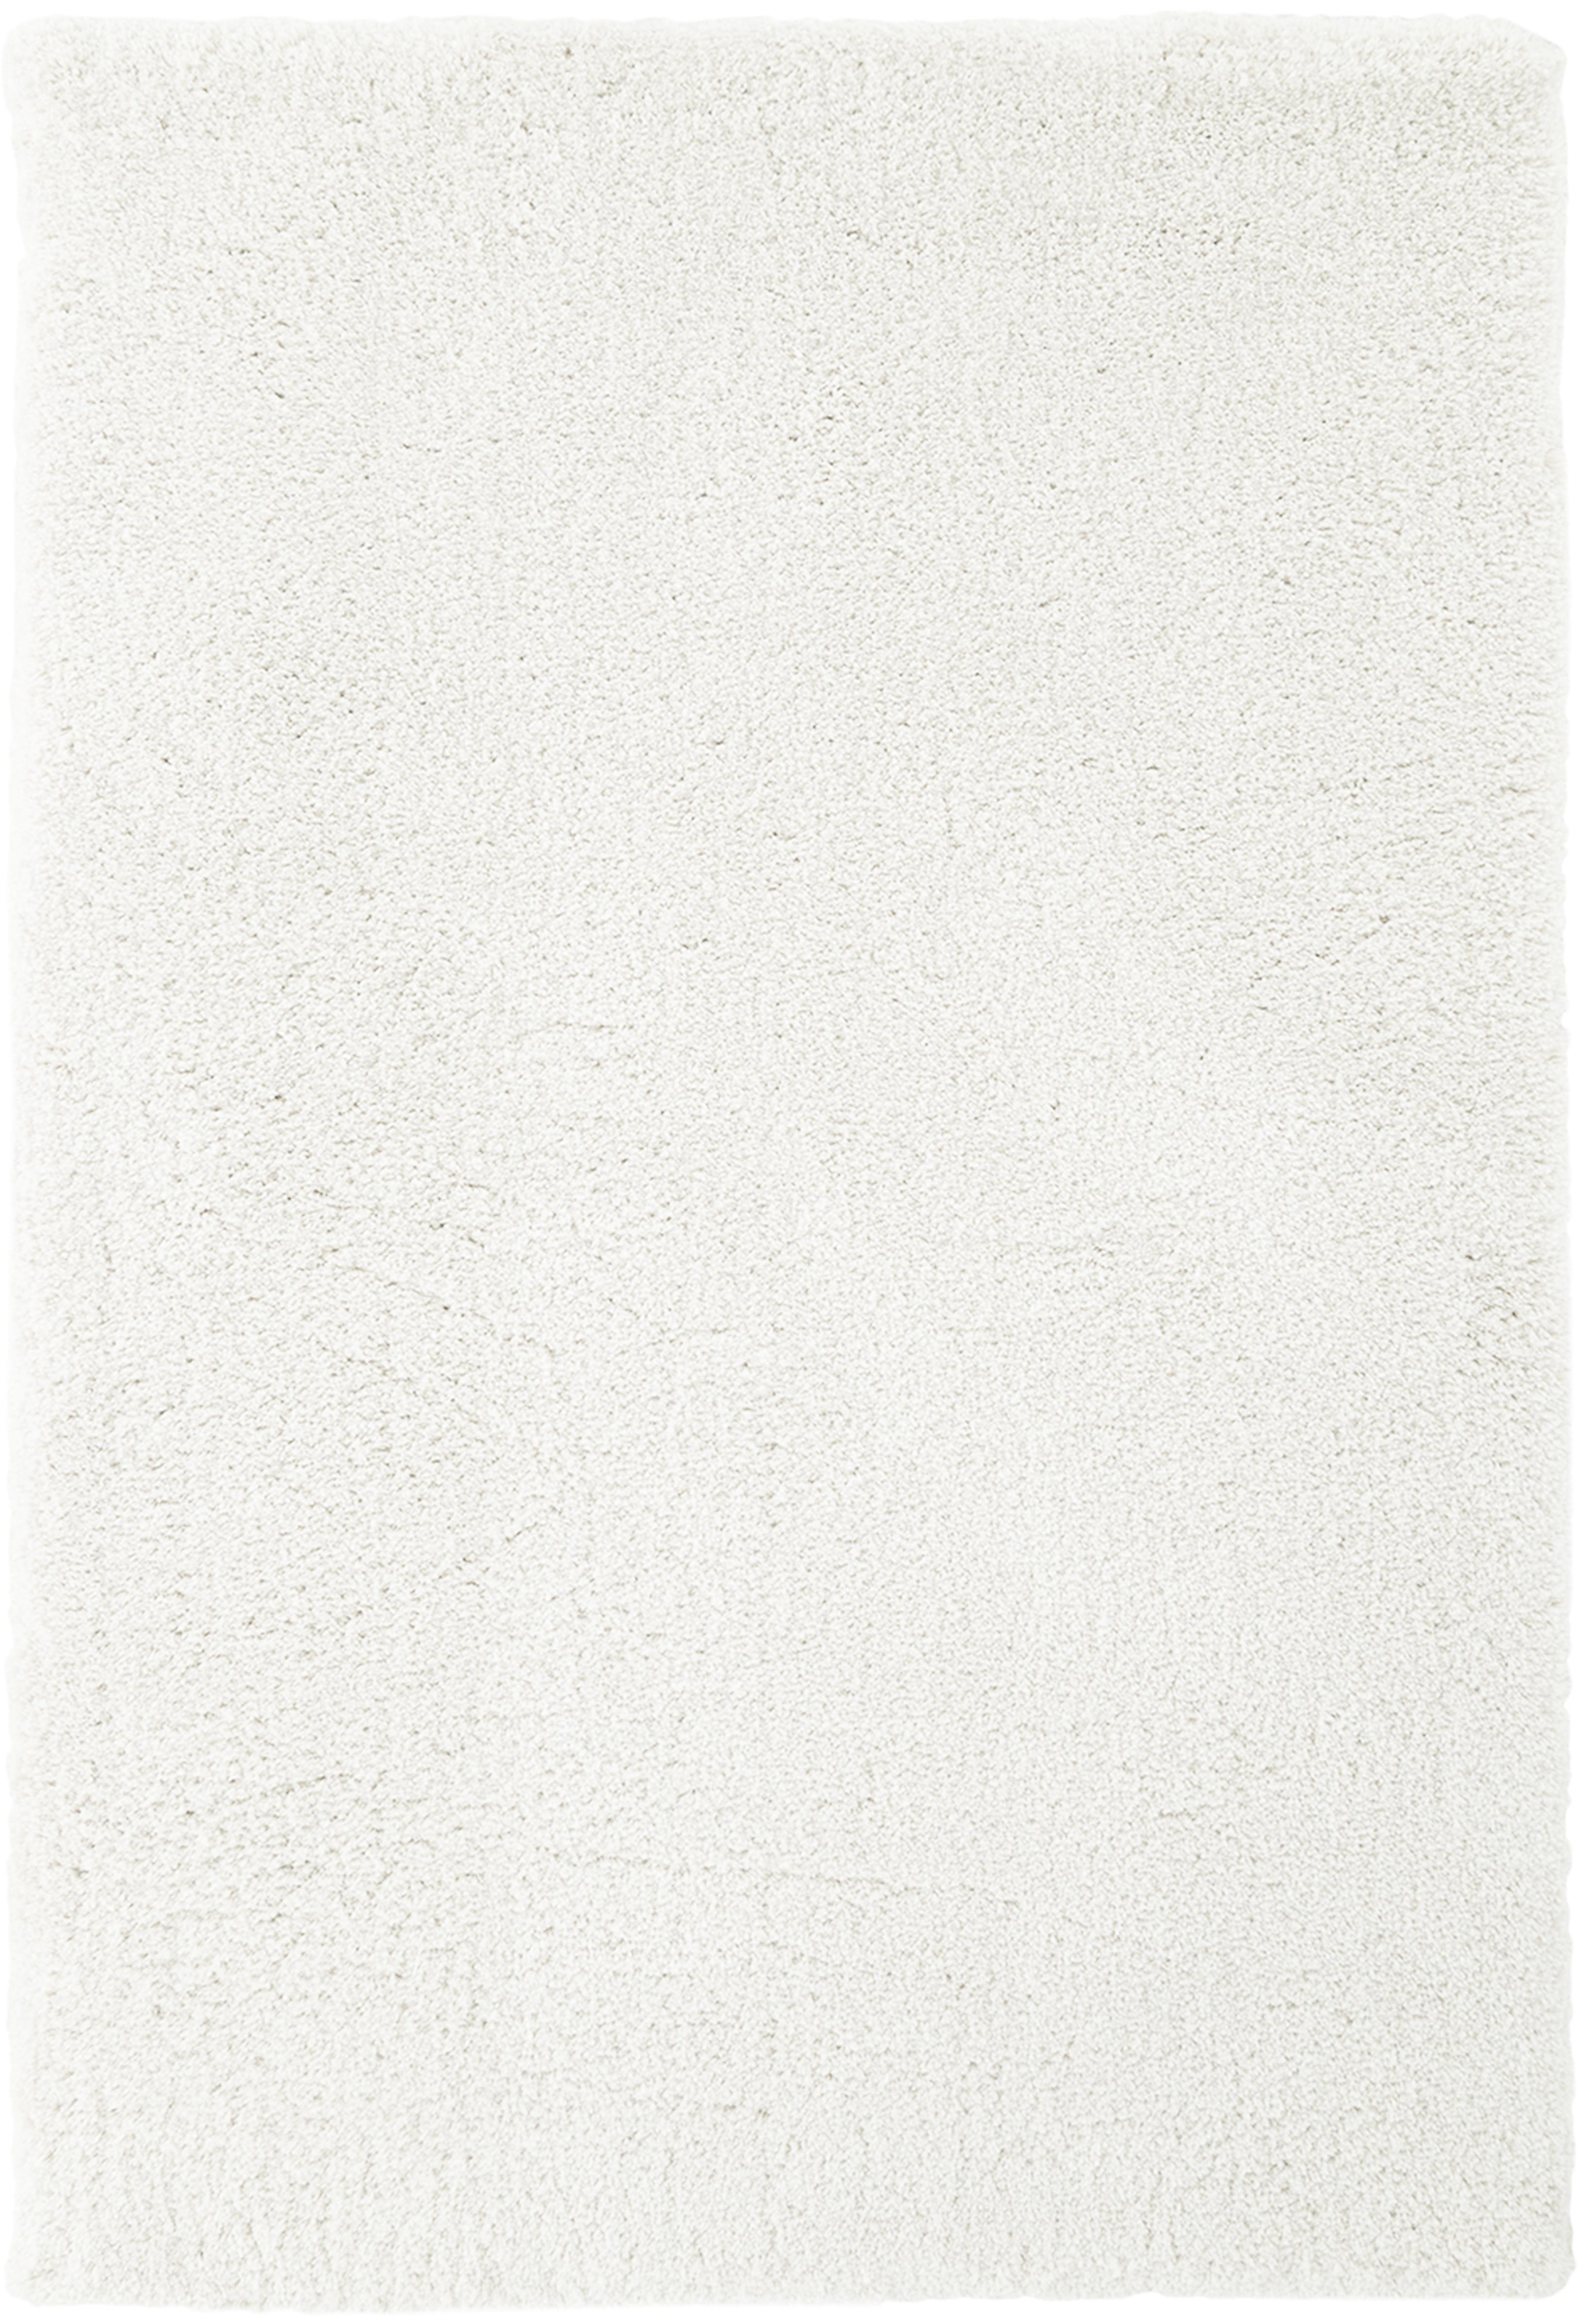 Flauschiger Hochflor-Teppich Leighton in Creme, Flor: 100% Polyester (Mikrofase, Creme, B 160 x L 230 cm (Grösse M)